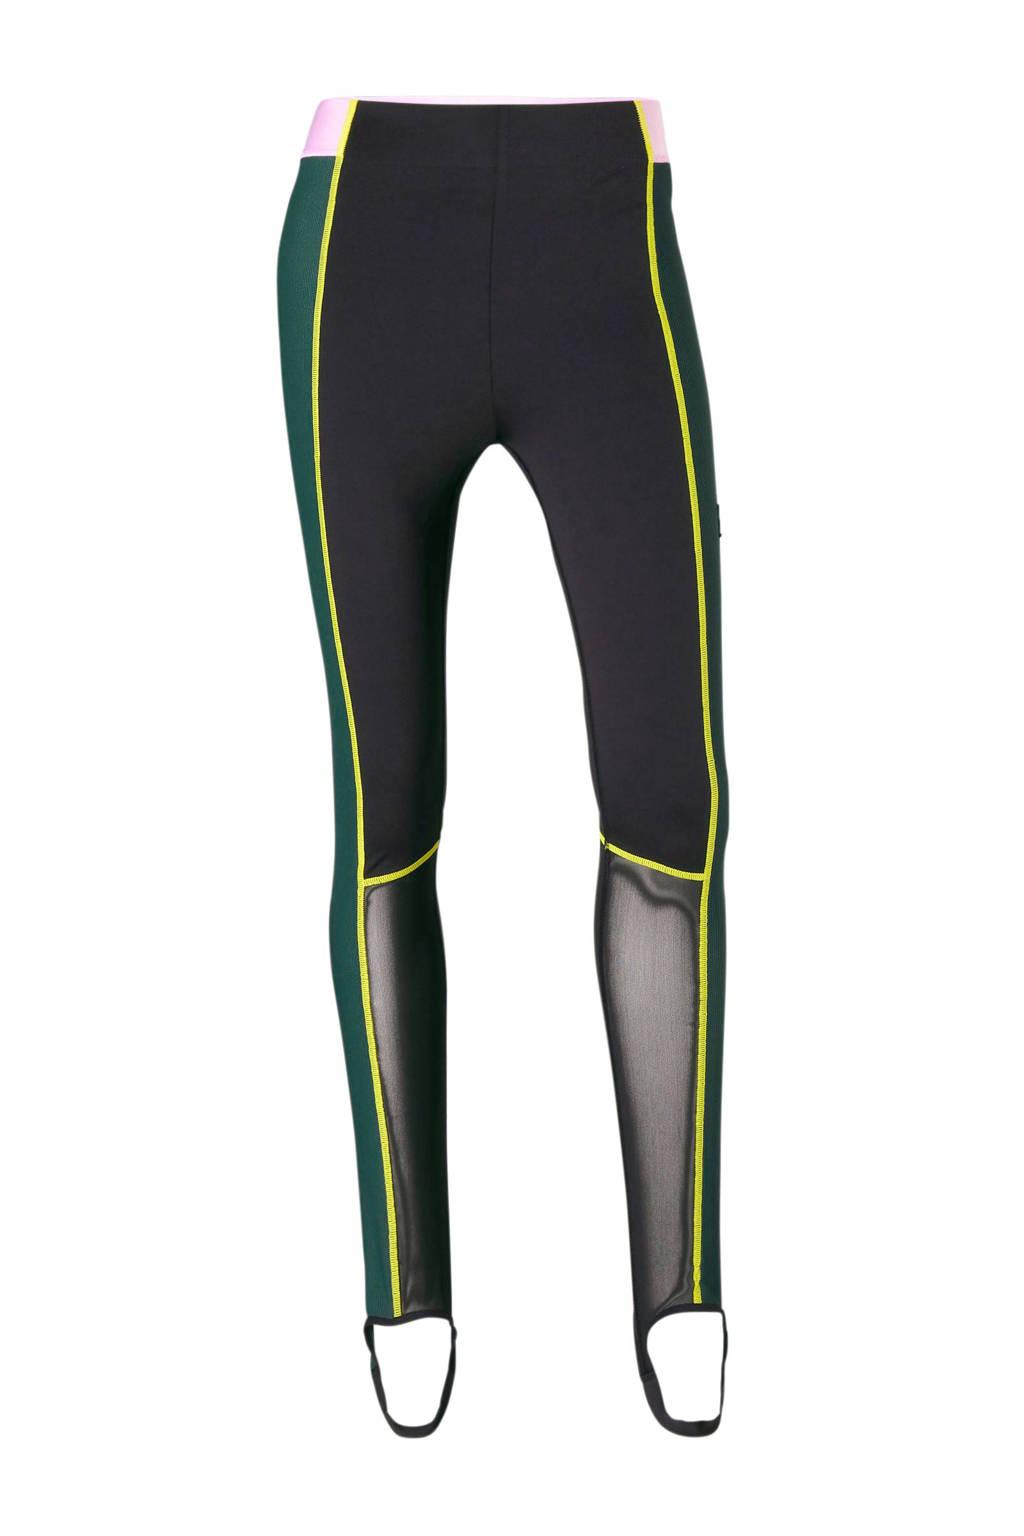 Puma 7/8 sportlegging zwart, Zwart/groen/roze